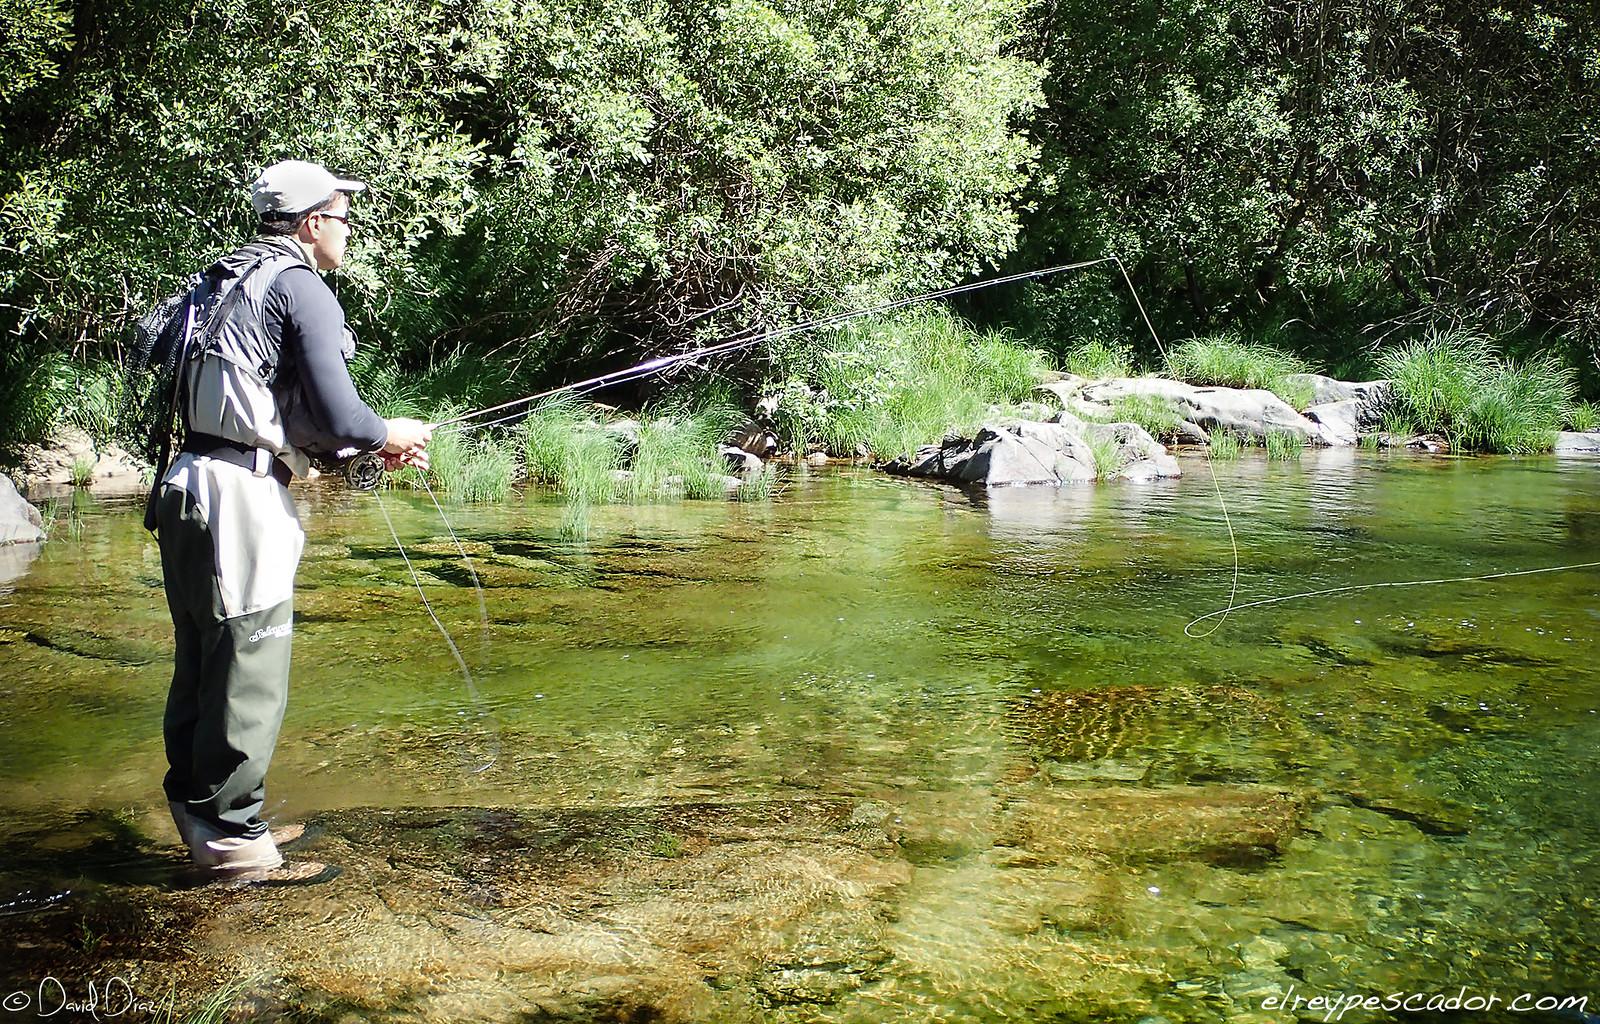 Pescando en el río - Coto de Barbellido (Avila) - Flyfishing